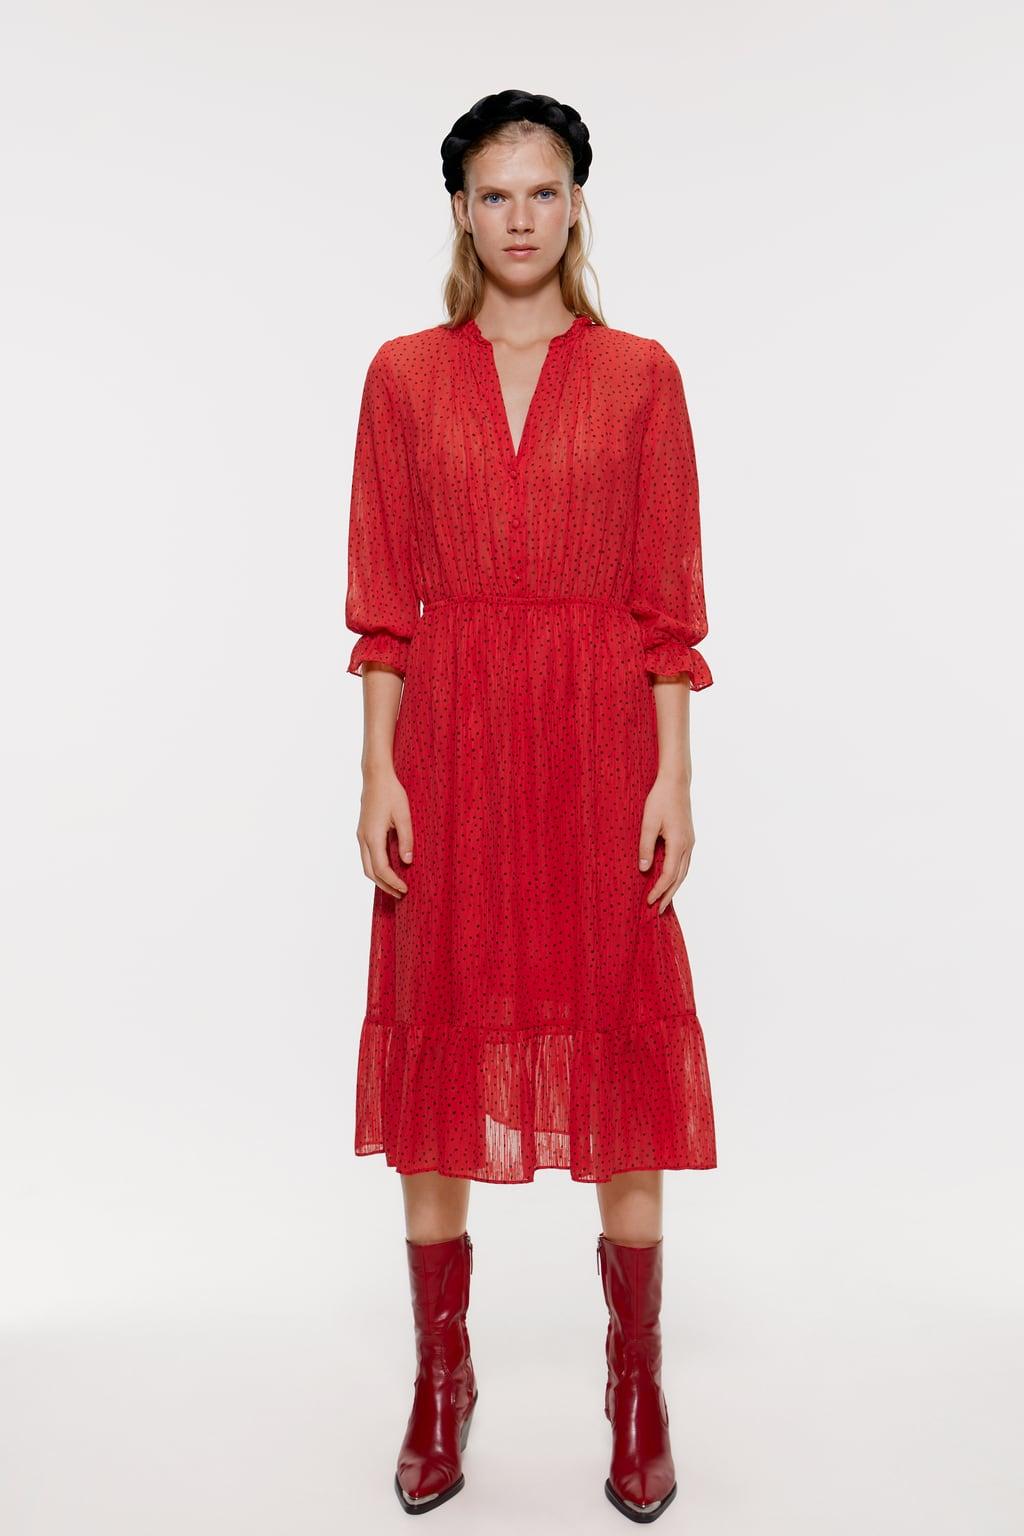 4 vestidos de Zara para copiar el look agotado de Kate Middleton